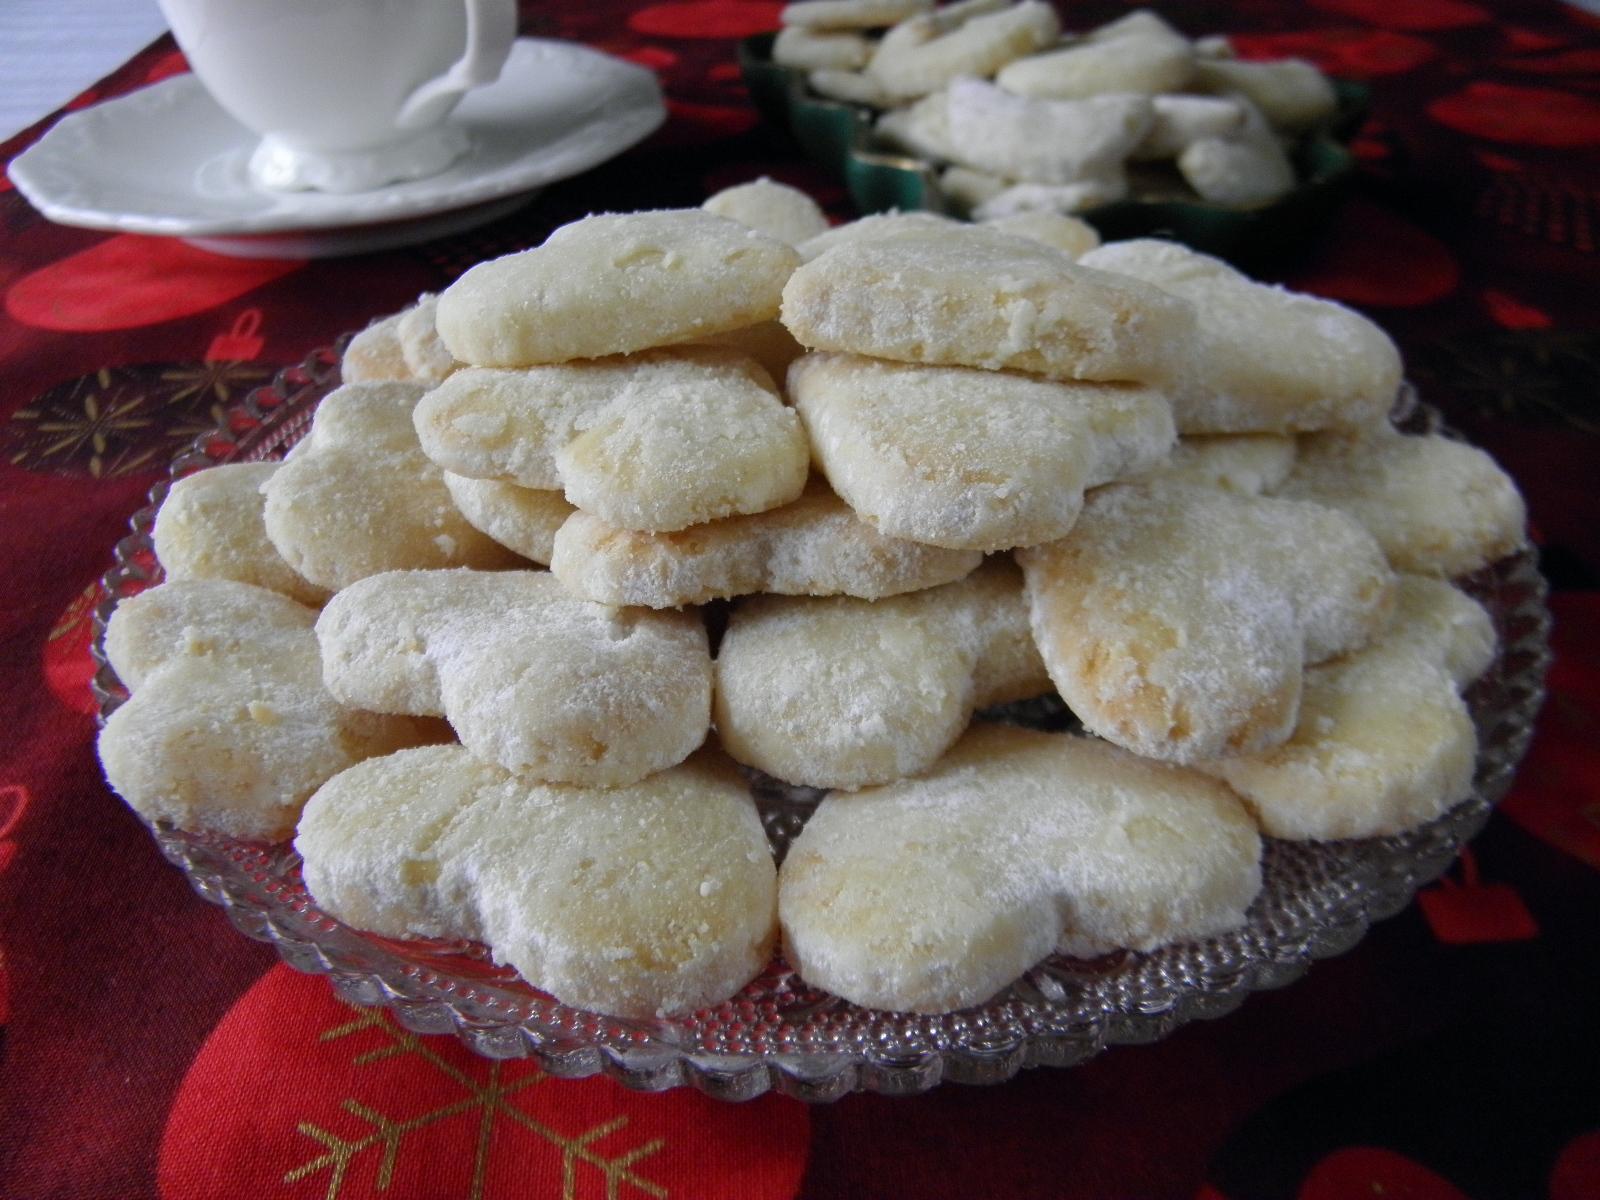 Pískové vánoční cukroví